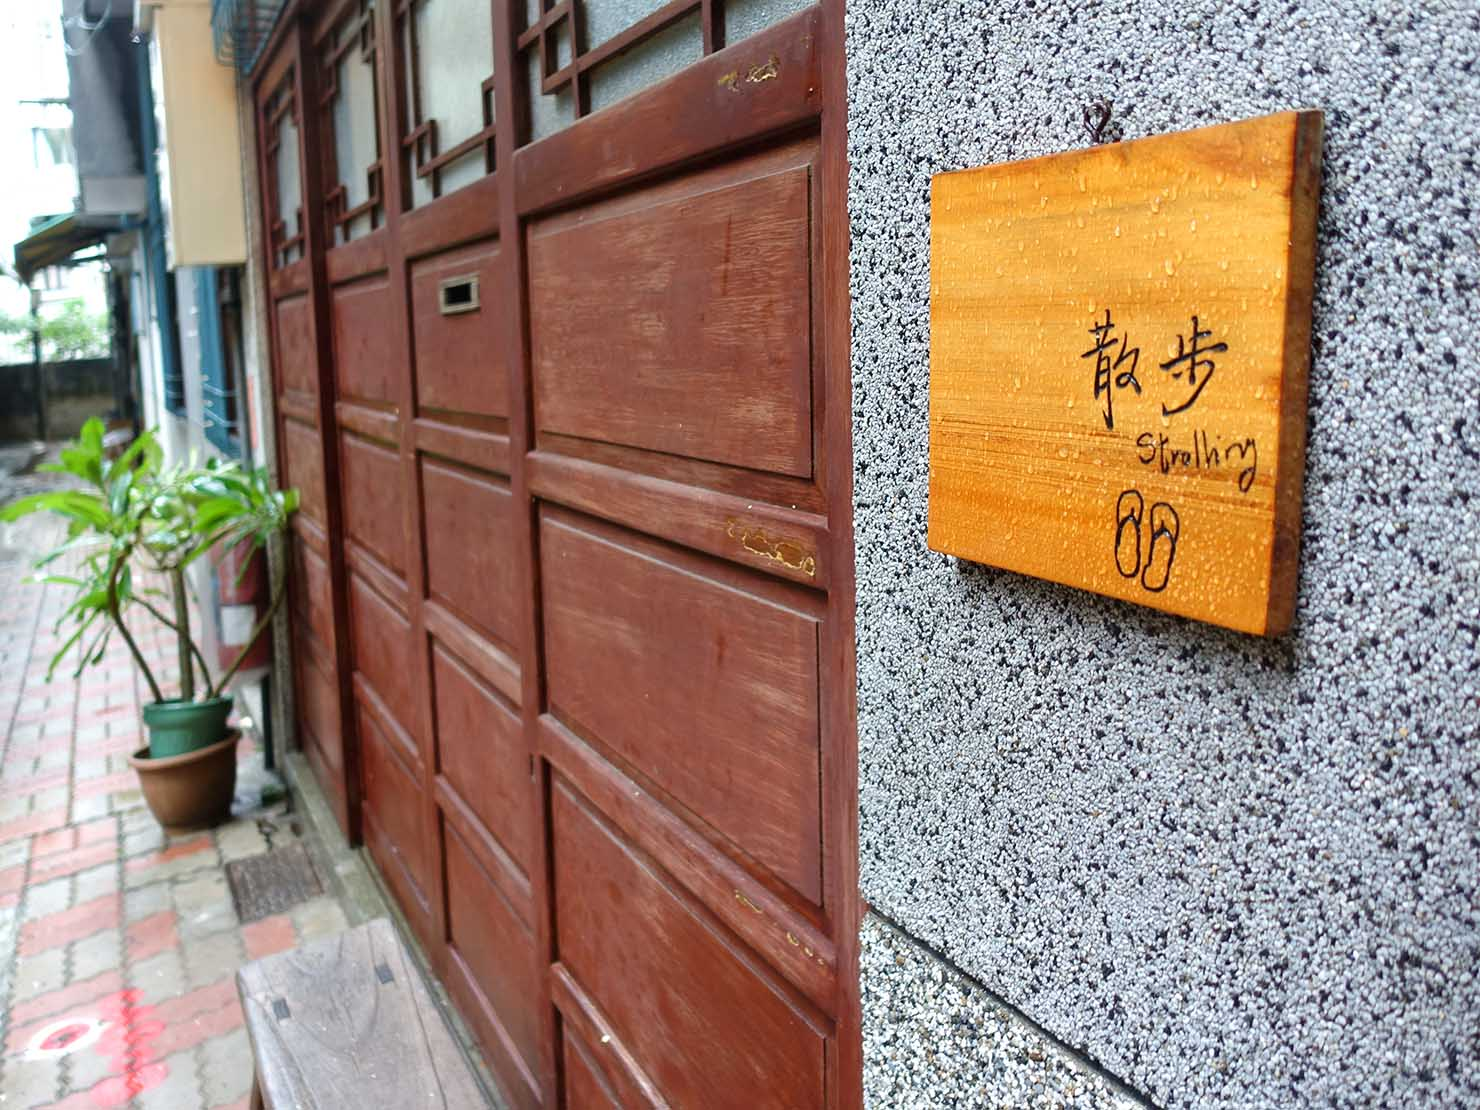 台南観光におすすめな古民家ゲストハウス「散步strolling」の表札